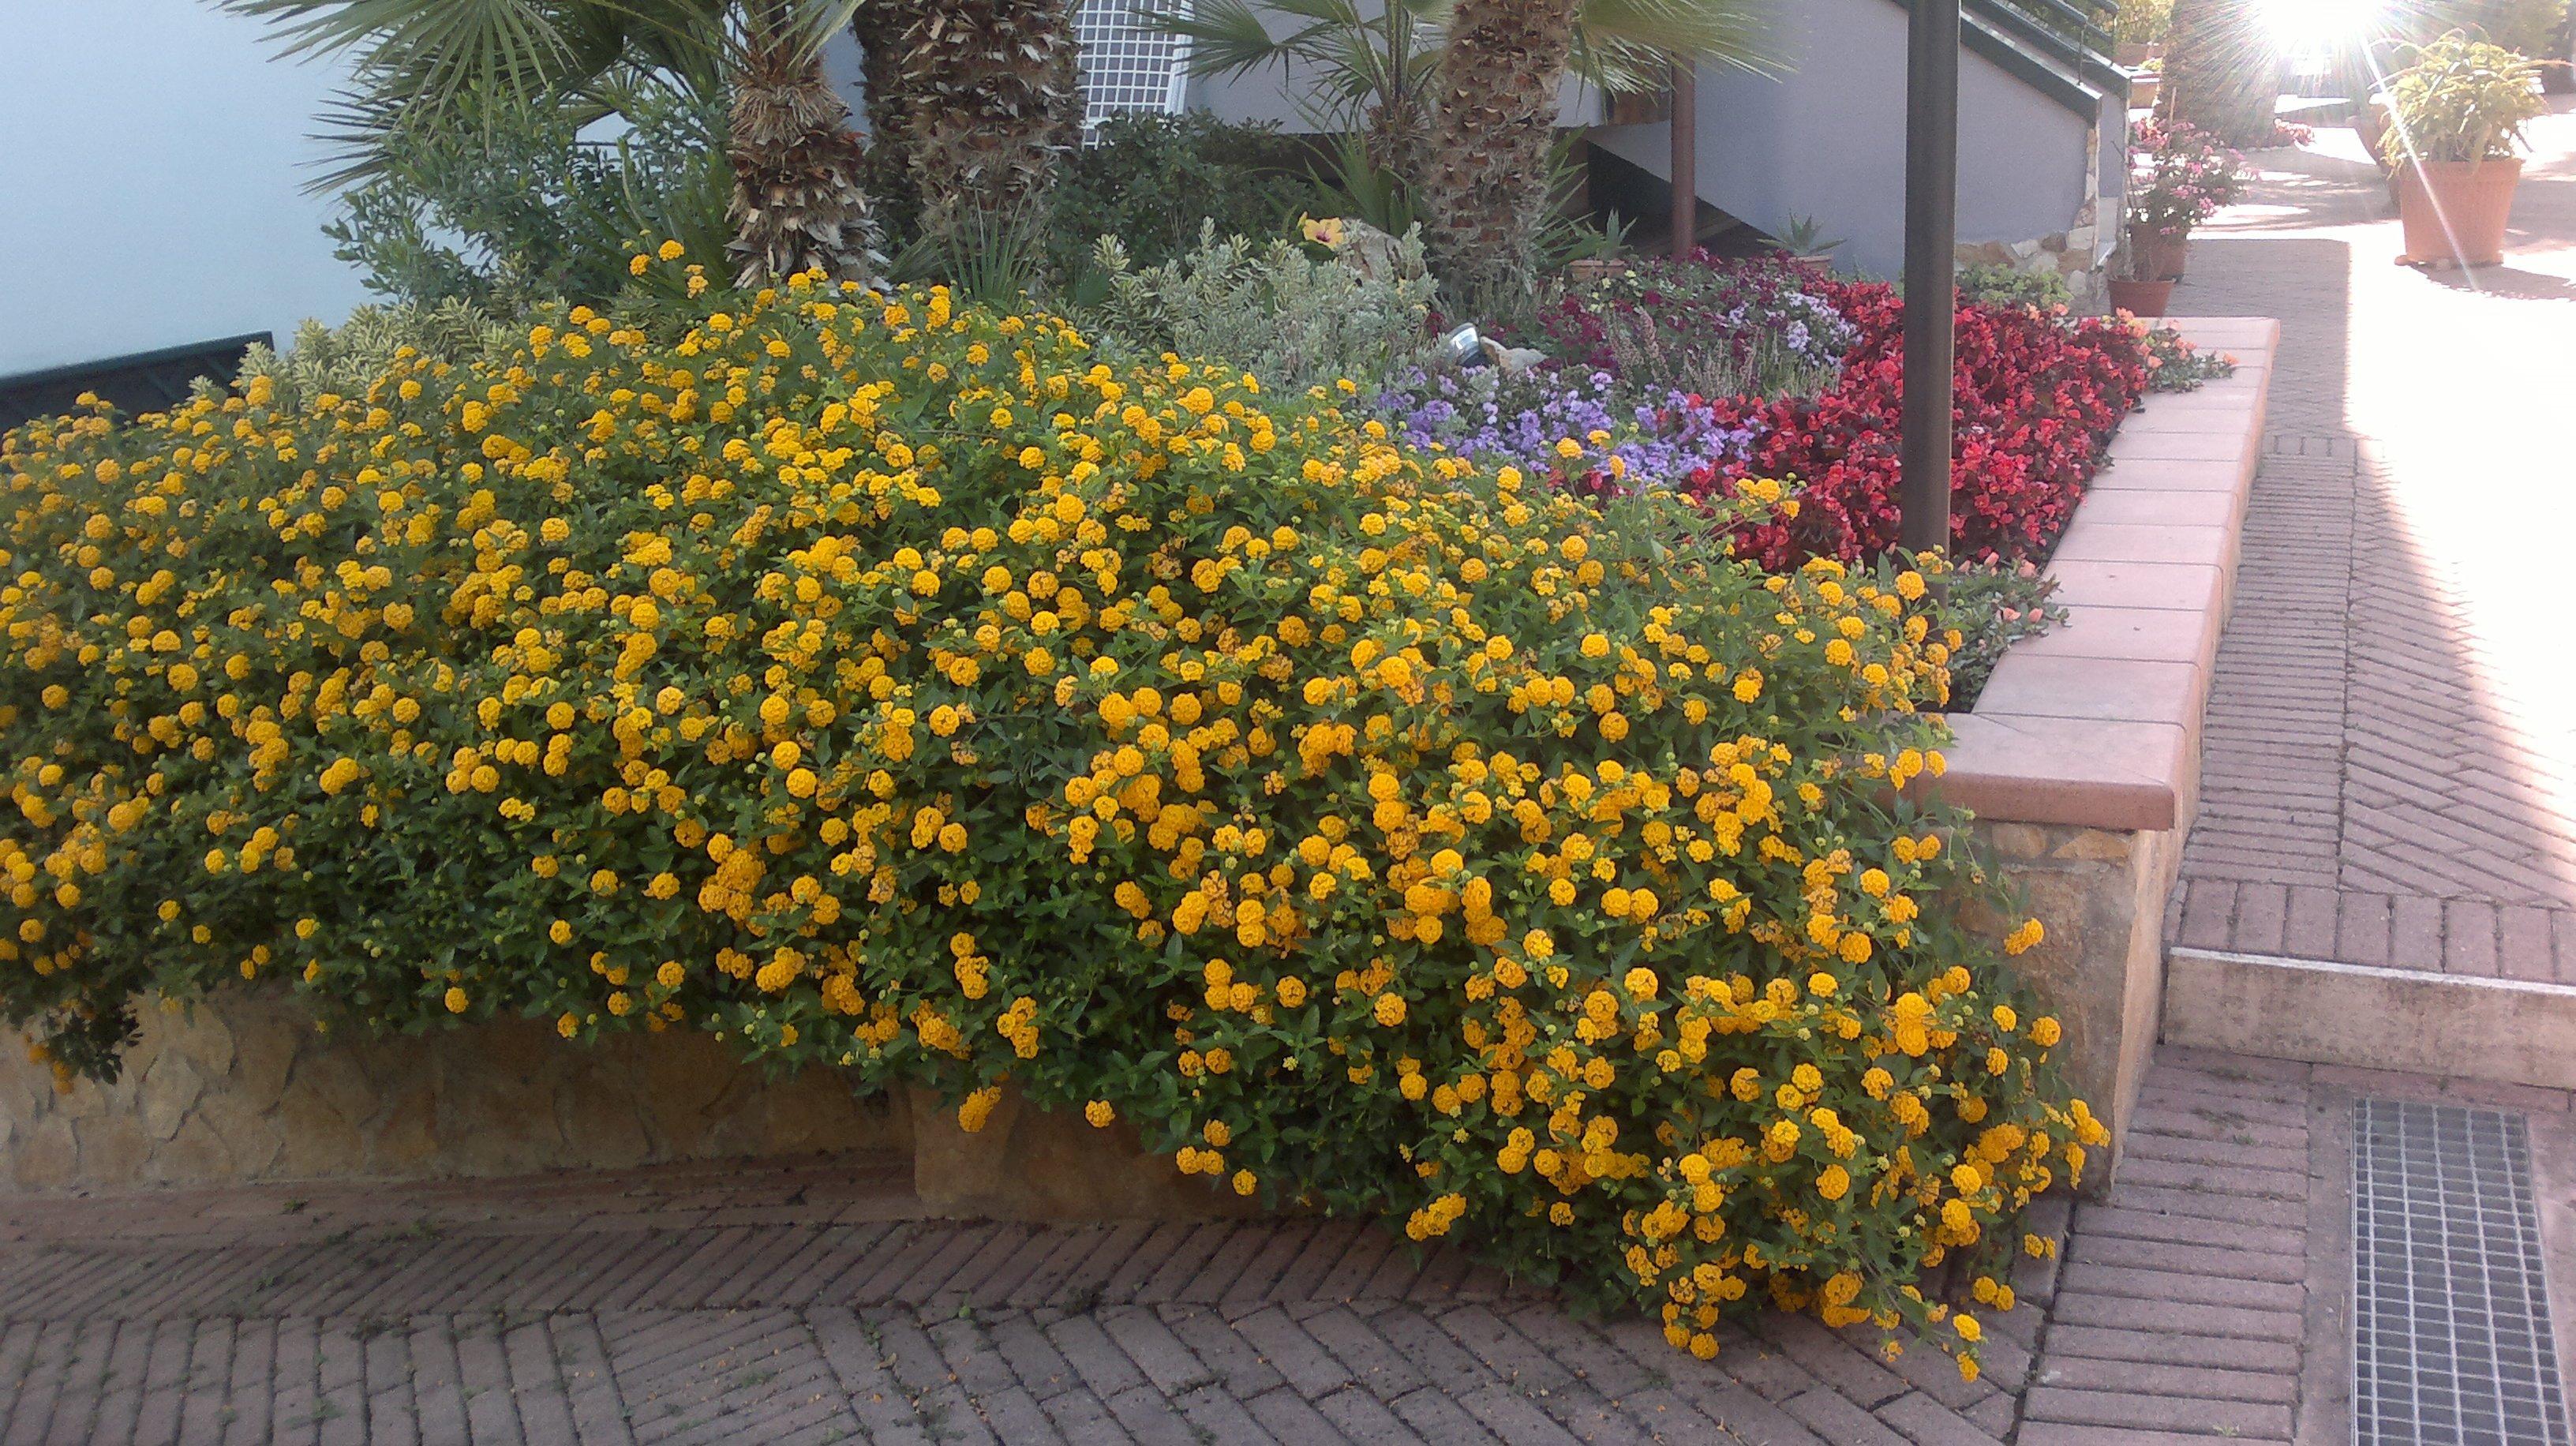 dei fiori gialli,dietro delle palme e dei fiori viola e rossi